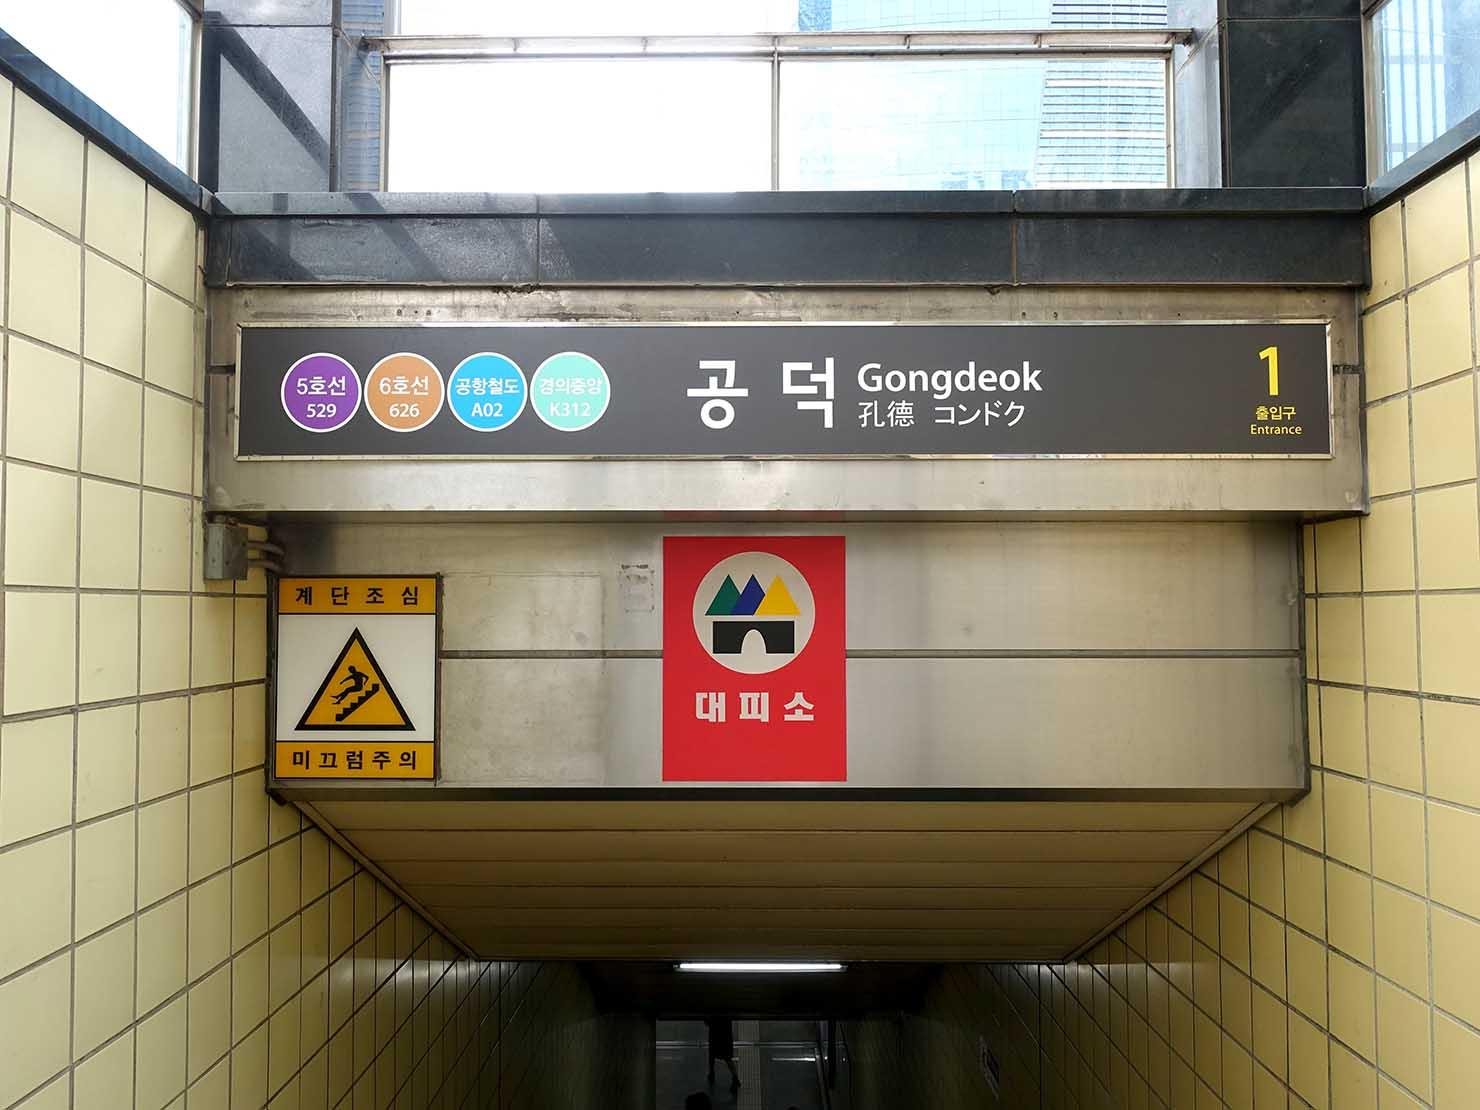 ソウル・孔德(공덕/コンドク)駅1番出口